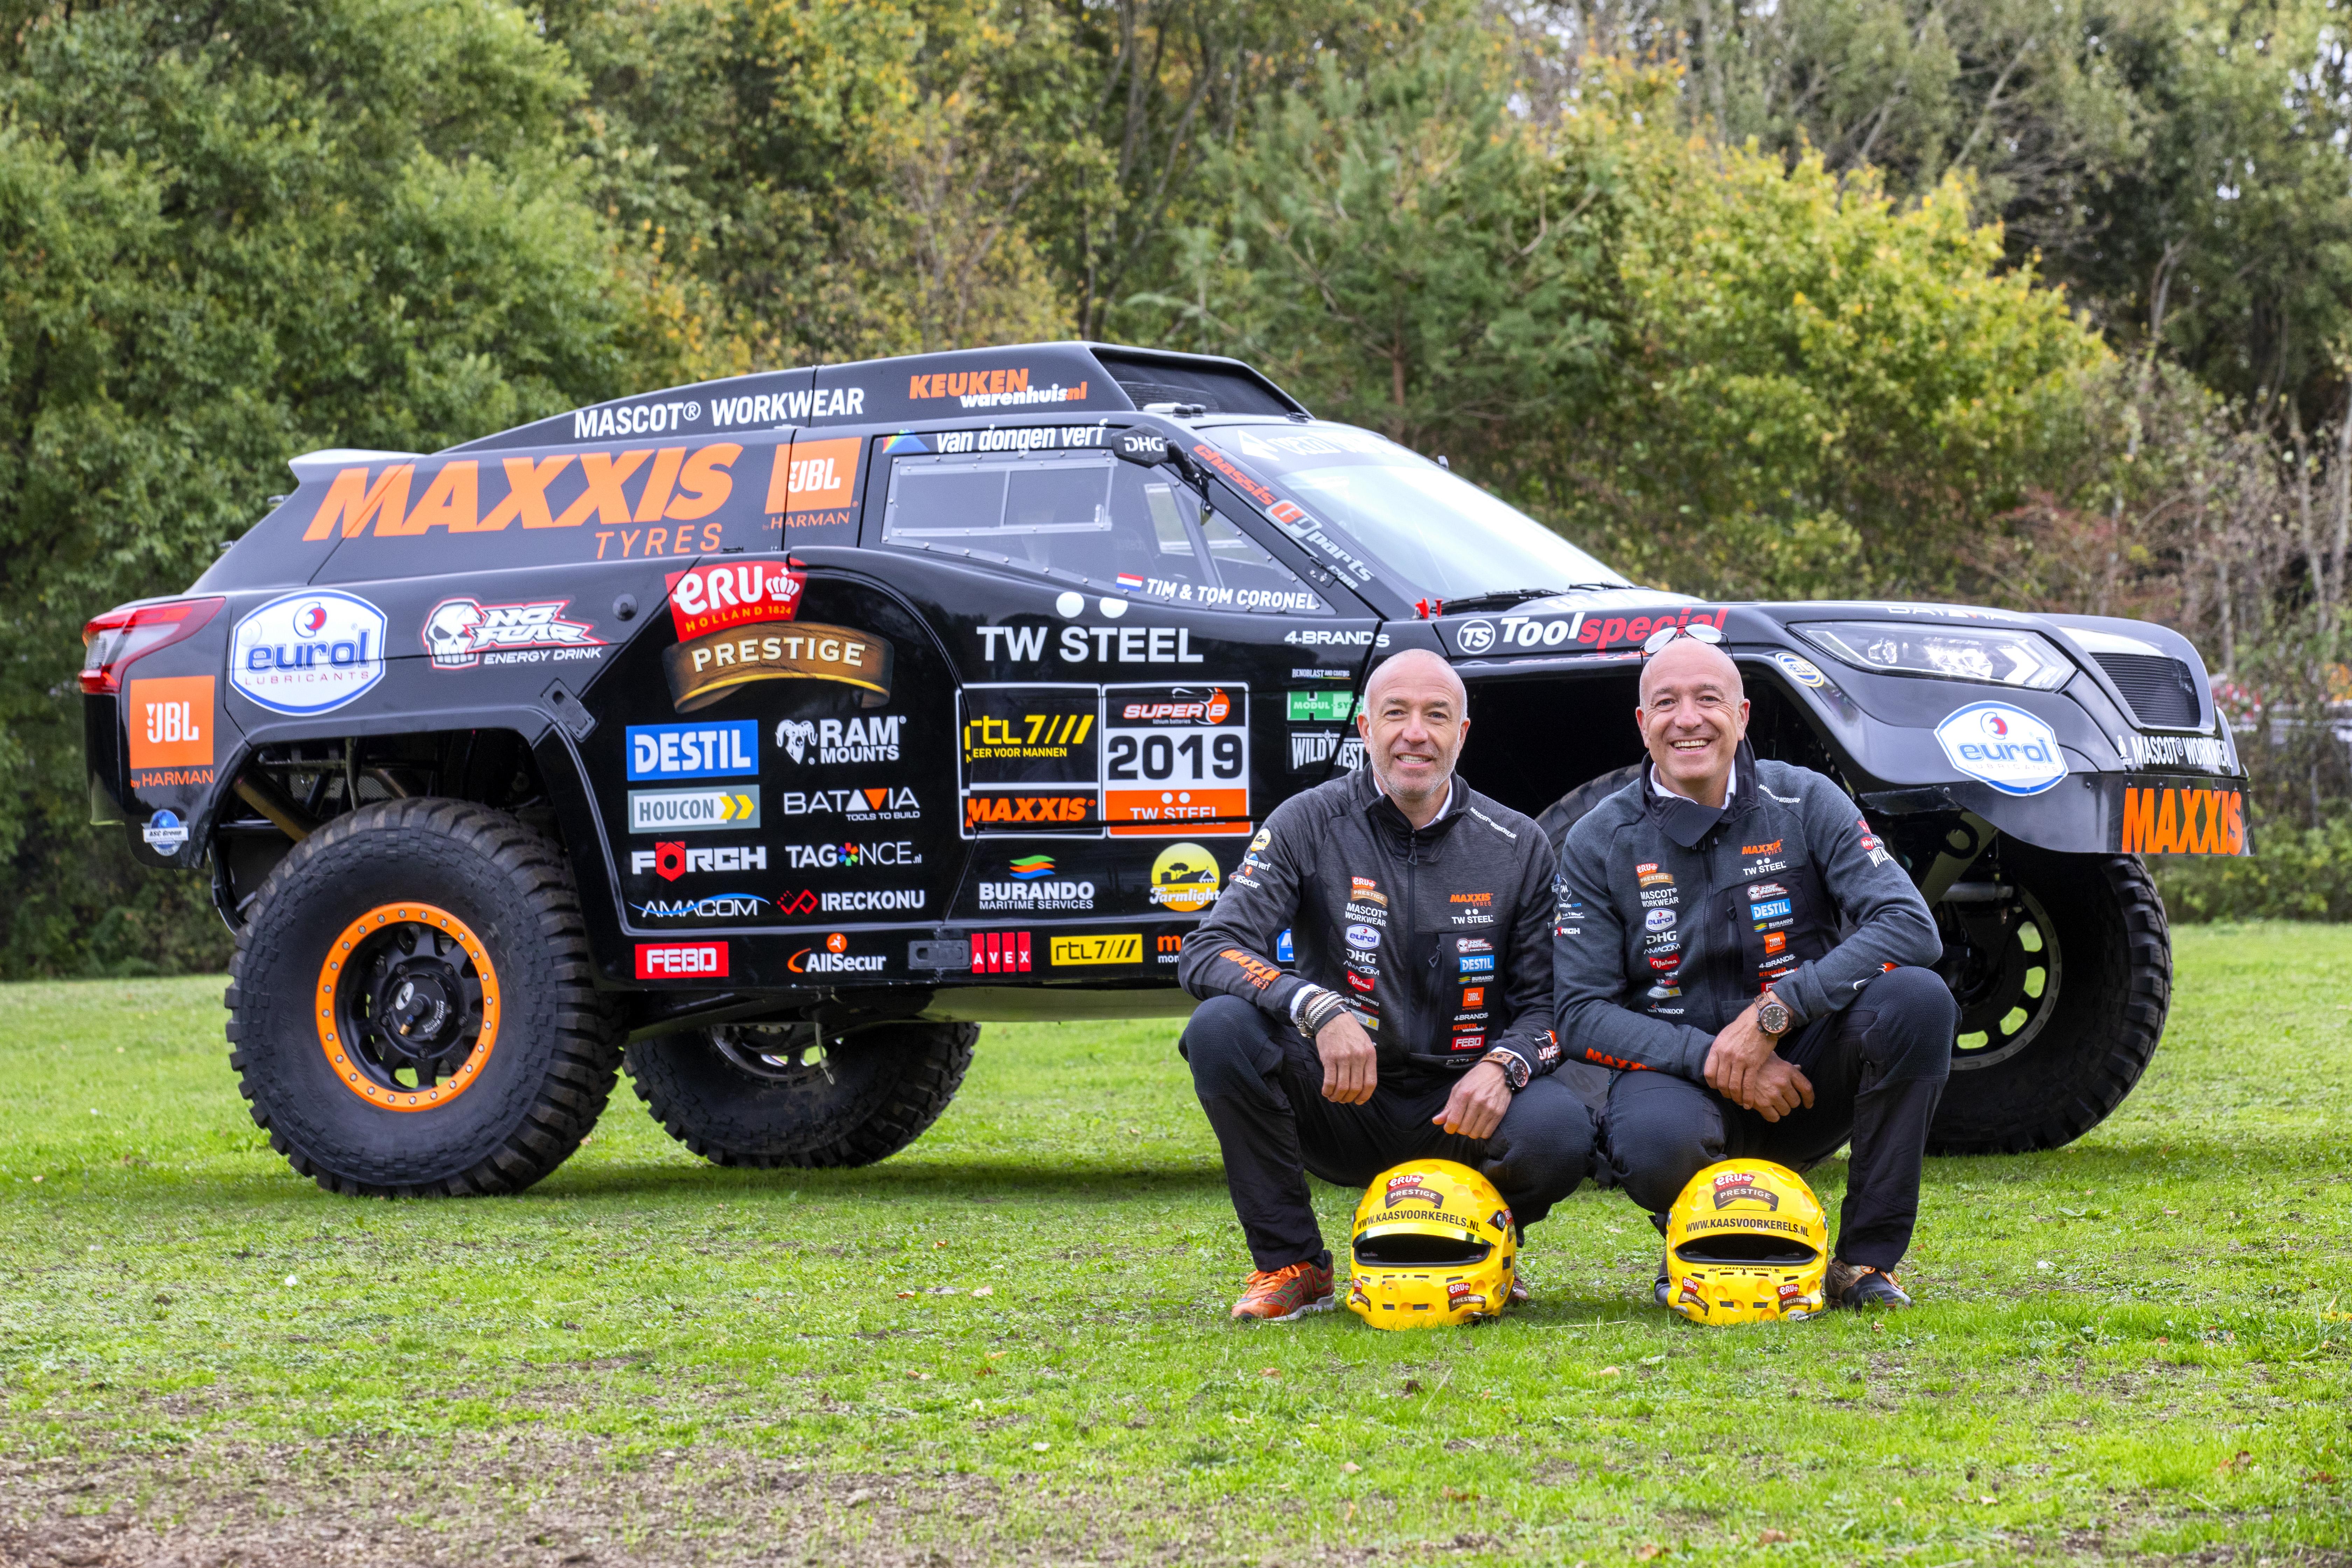 Tim en Tom Coronel kijken vol goede moed uit naar start Dakar 2019